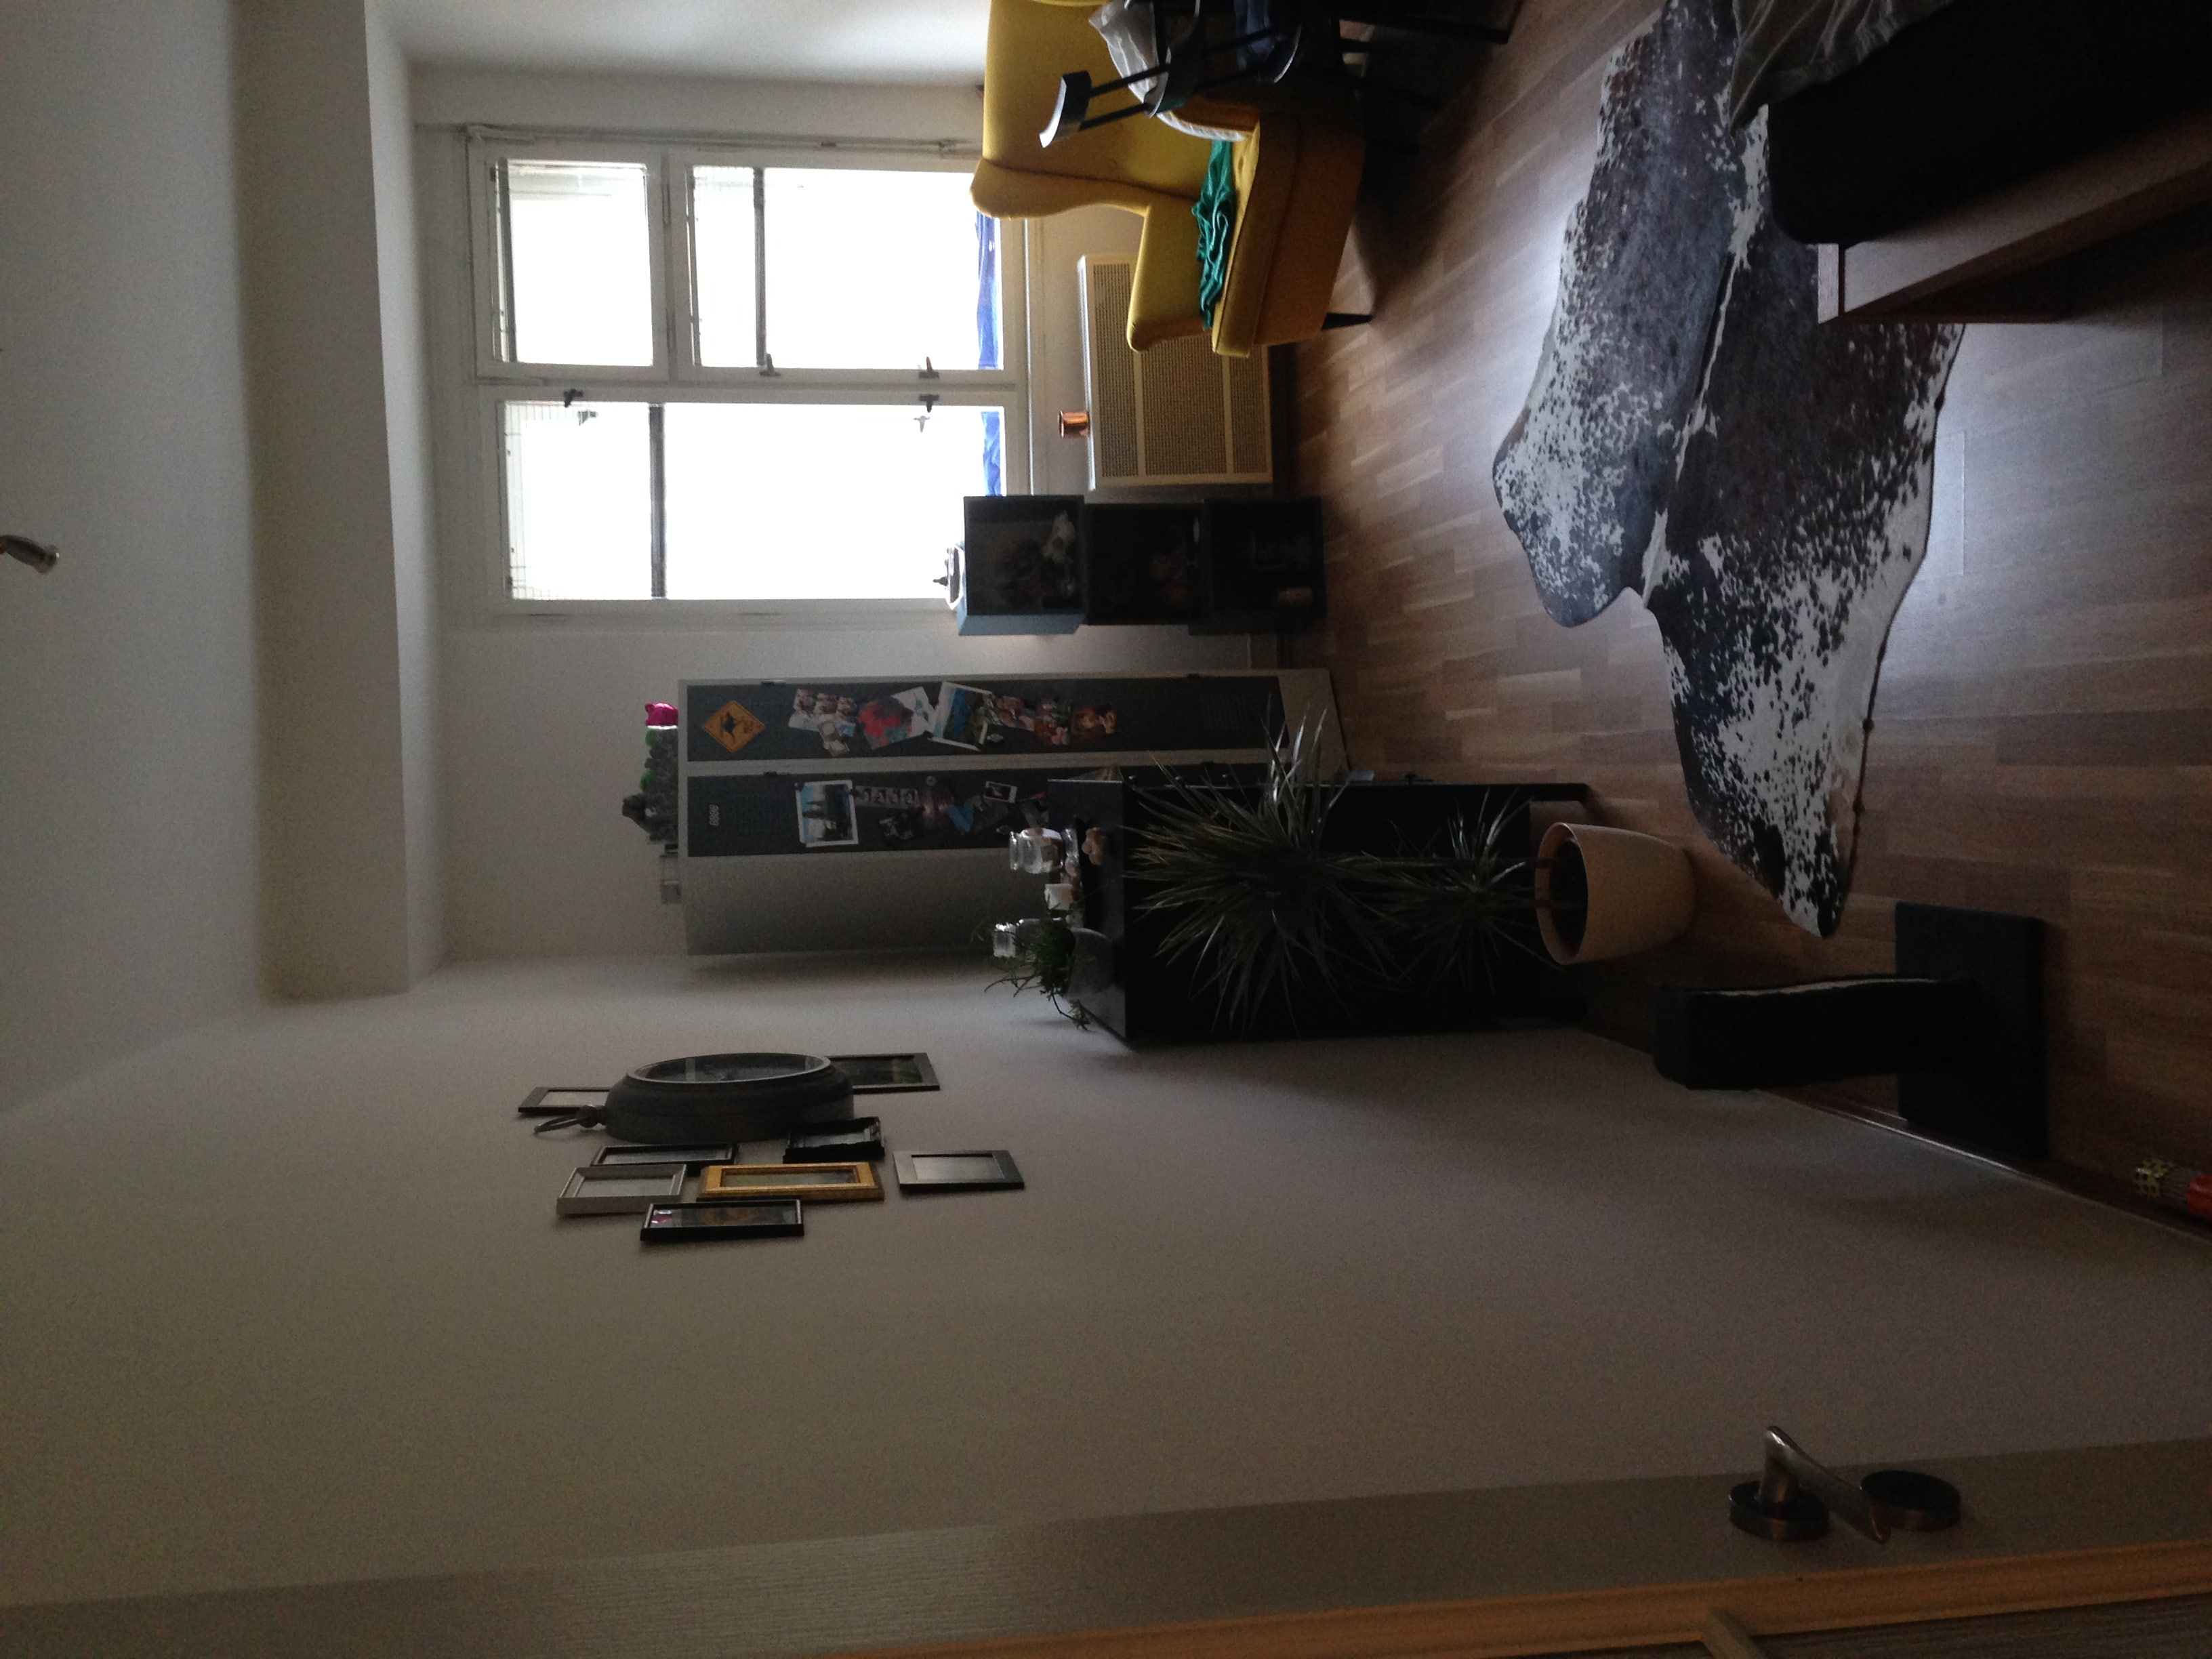 למכירה דירת 2 חדרים בגודל 52 מר בשכונת ז'יז'קוב א (5)